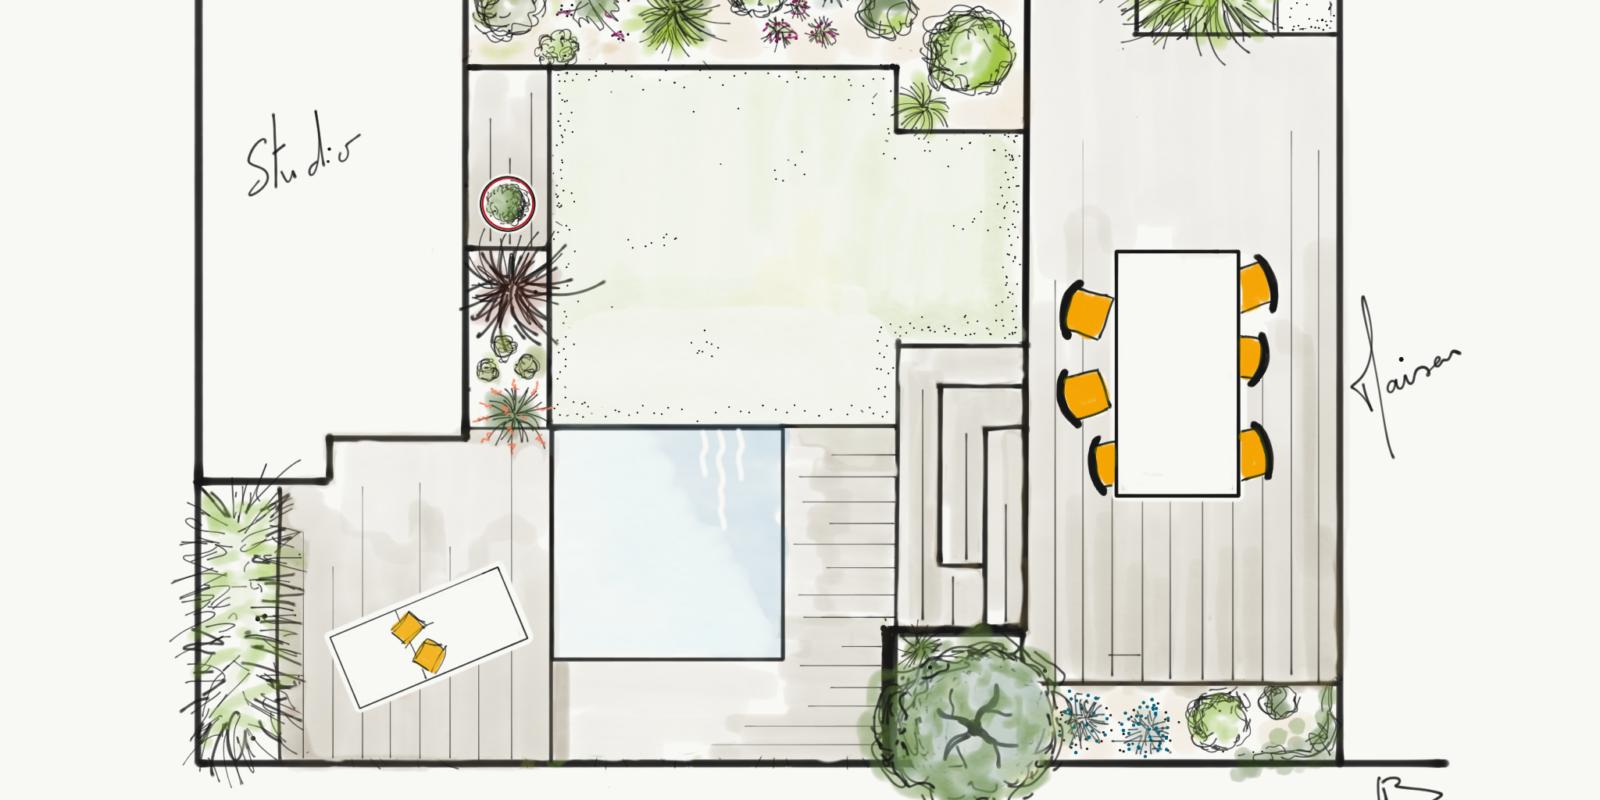 Am nagement de jardin bordeaux paysagiste buxus design for Amenagement jardin bordeaux